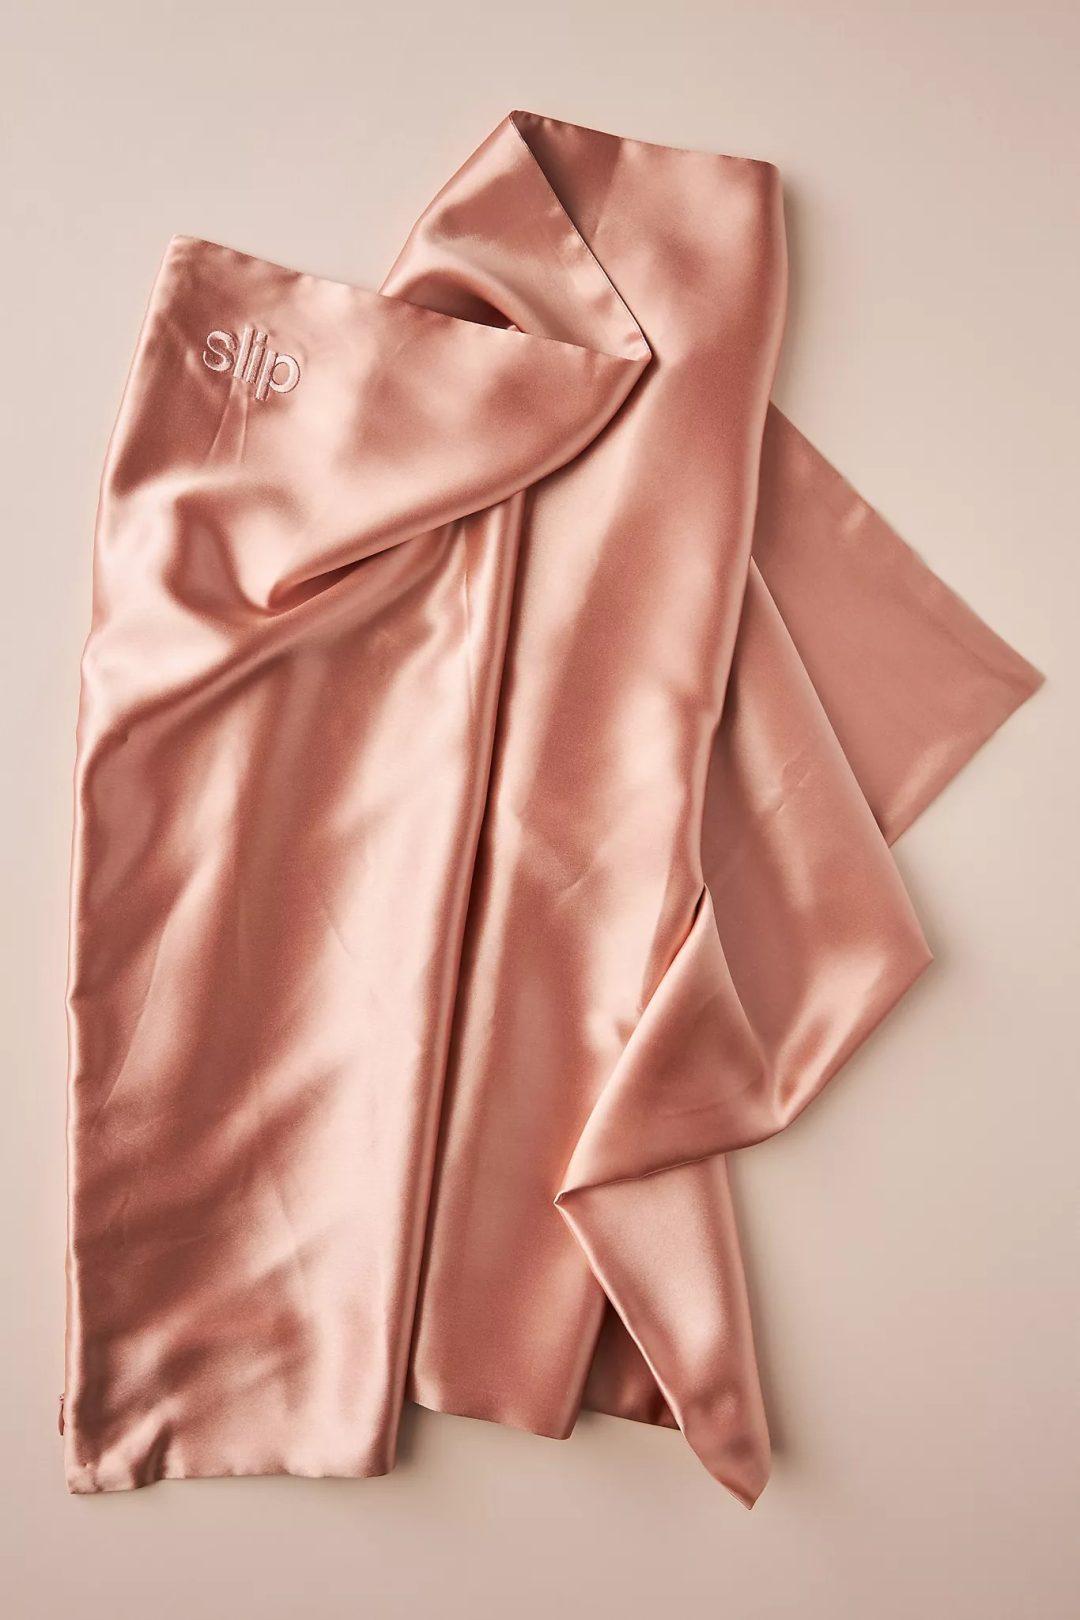 Rose gold silk pillow case